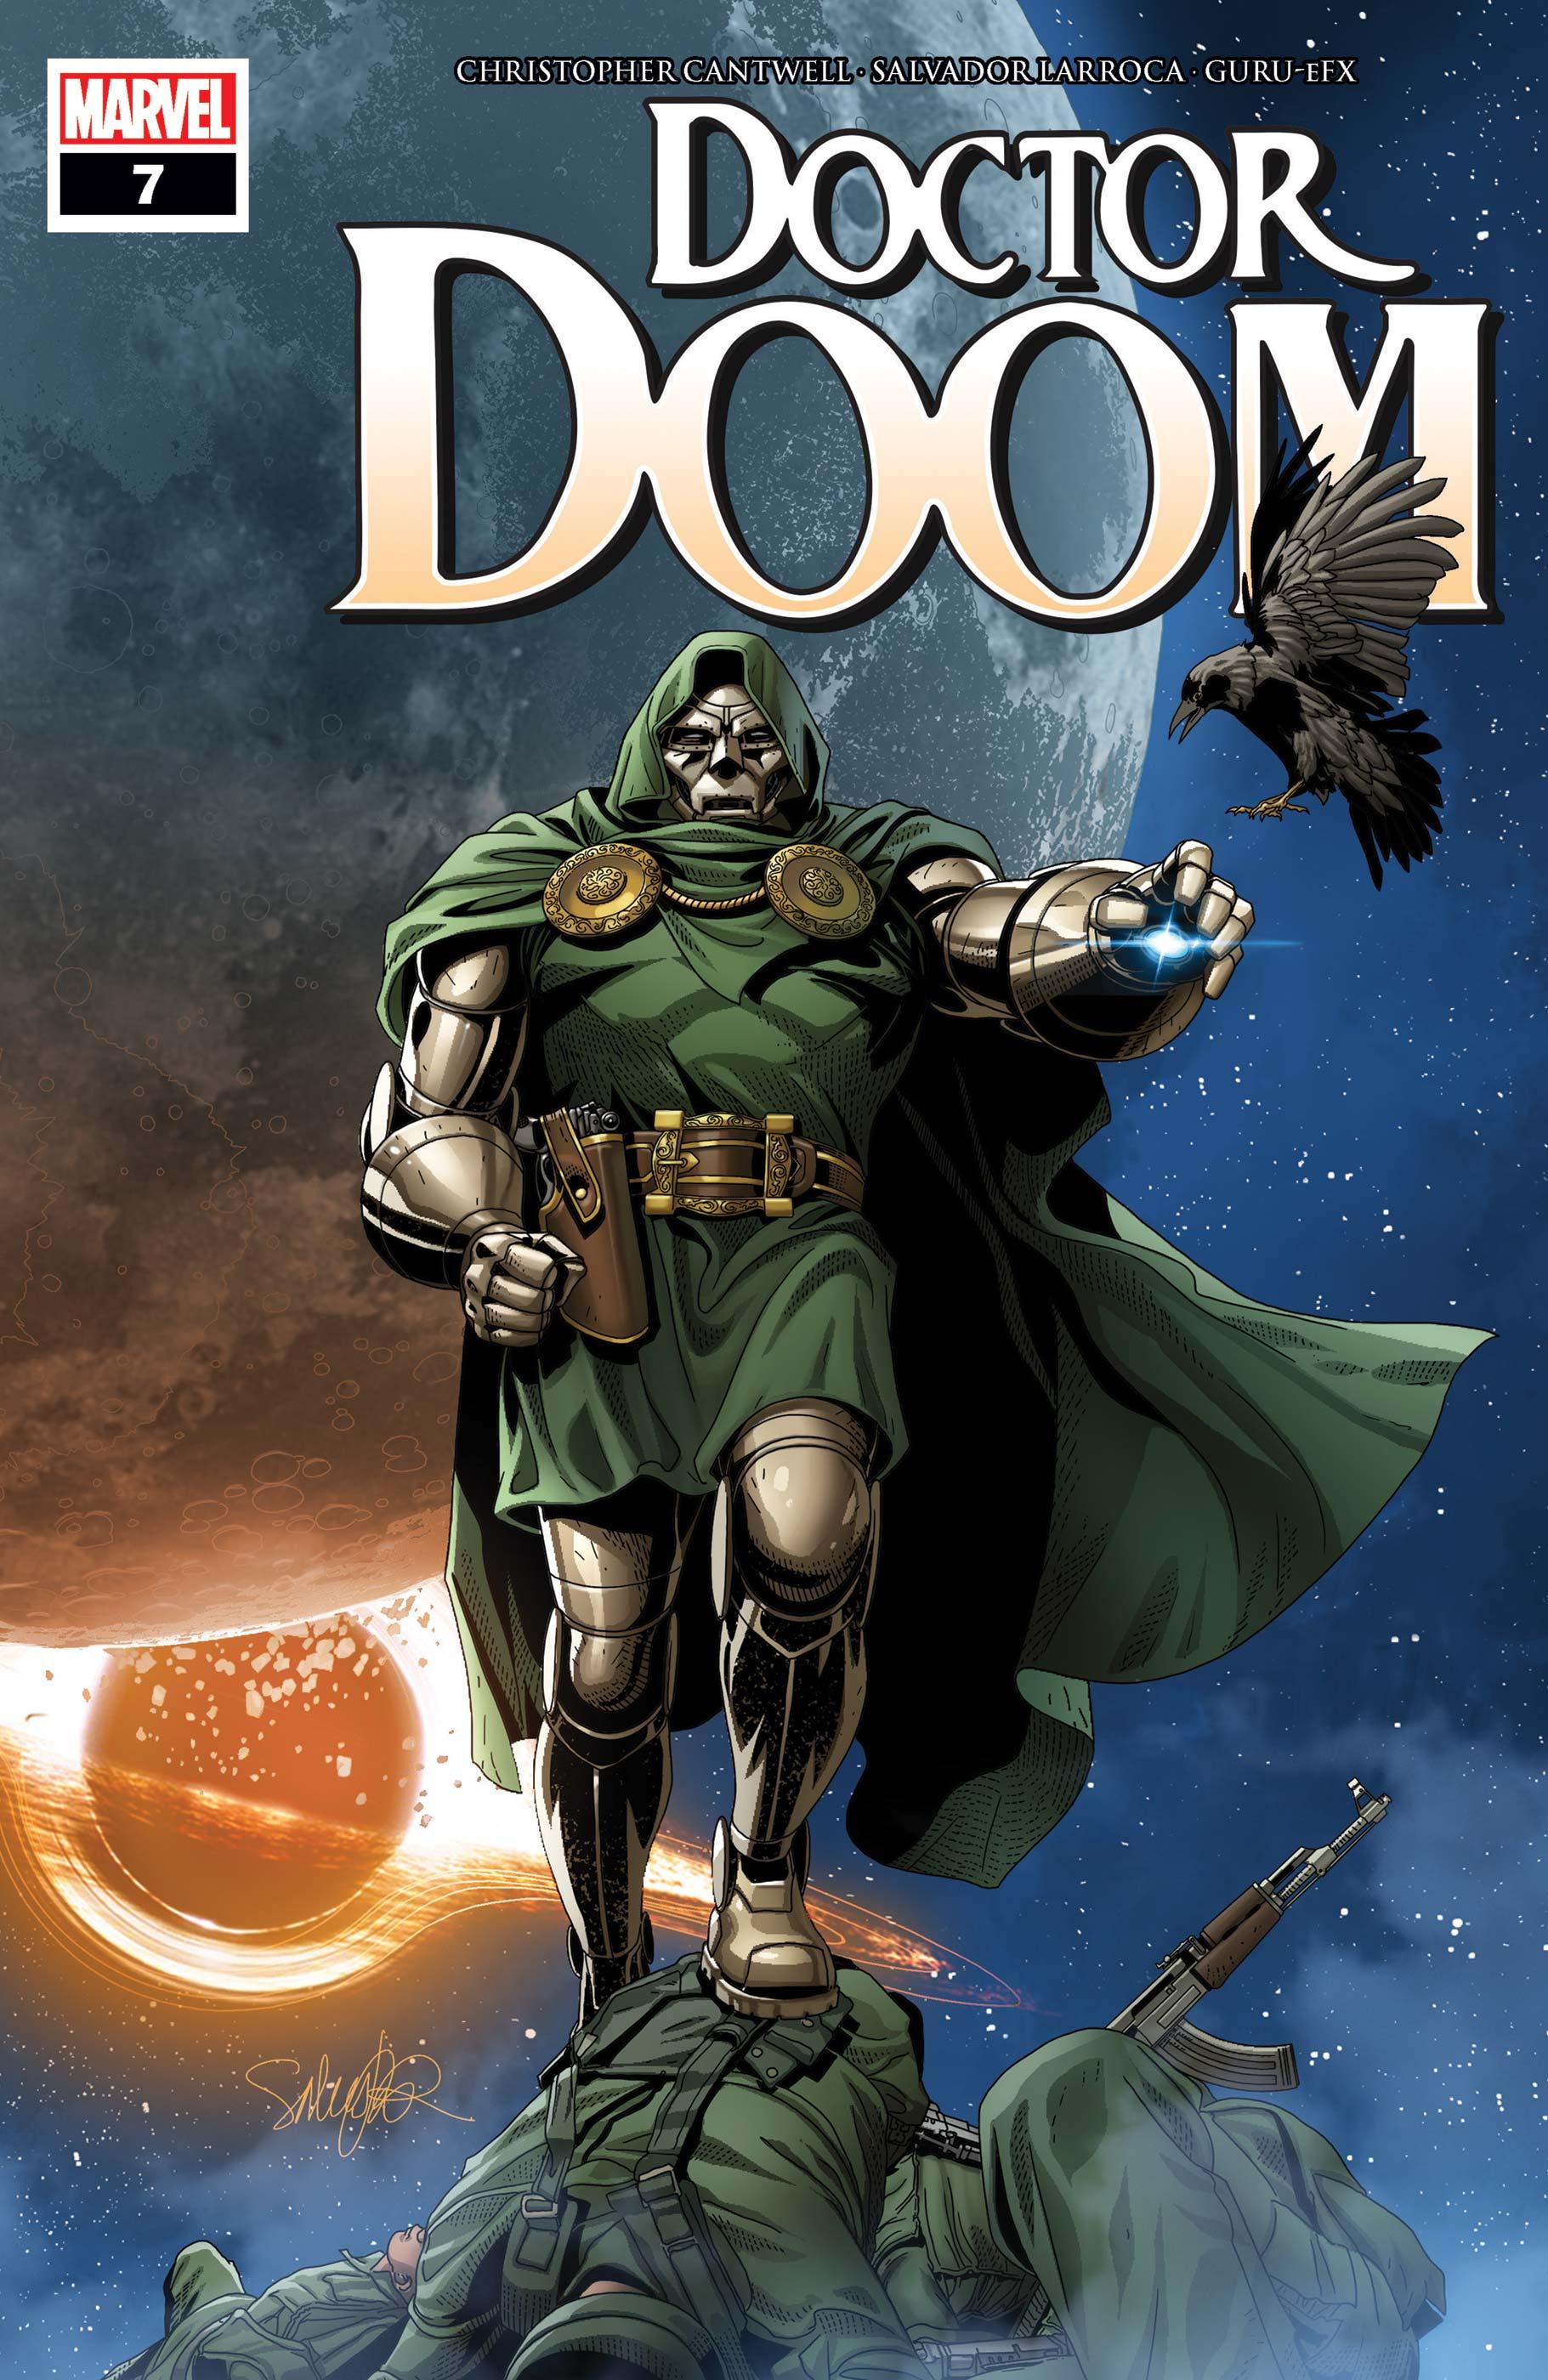 Doctor Doom (2019) #7